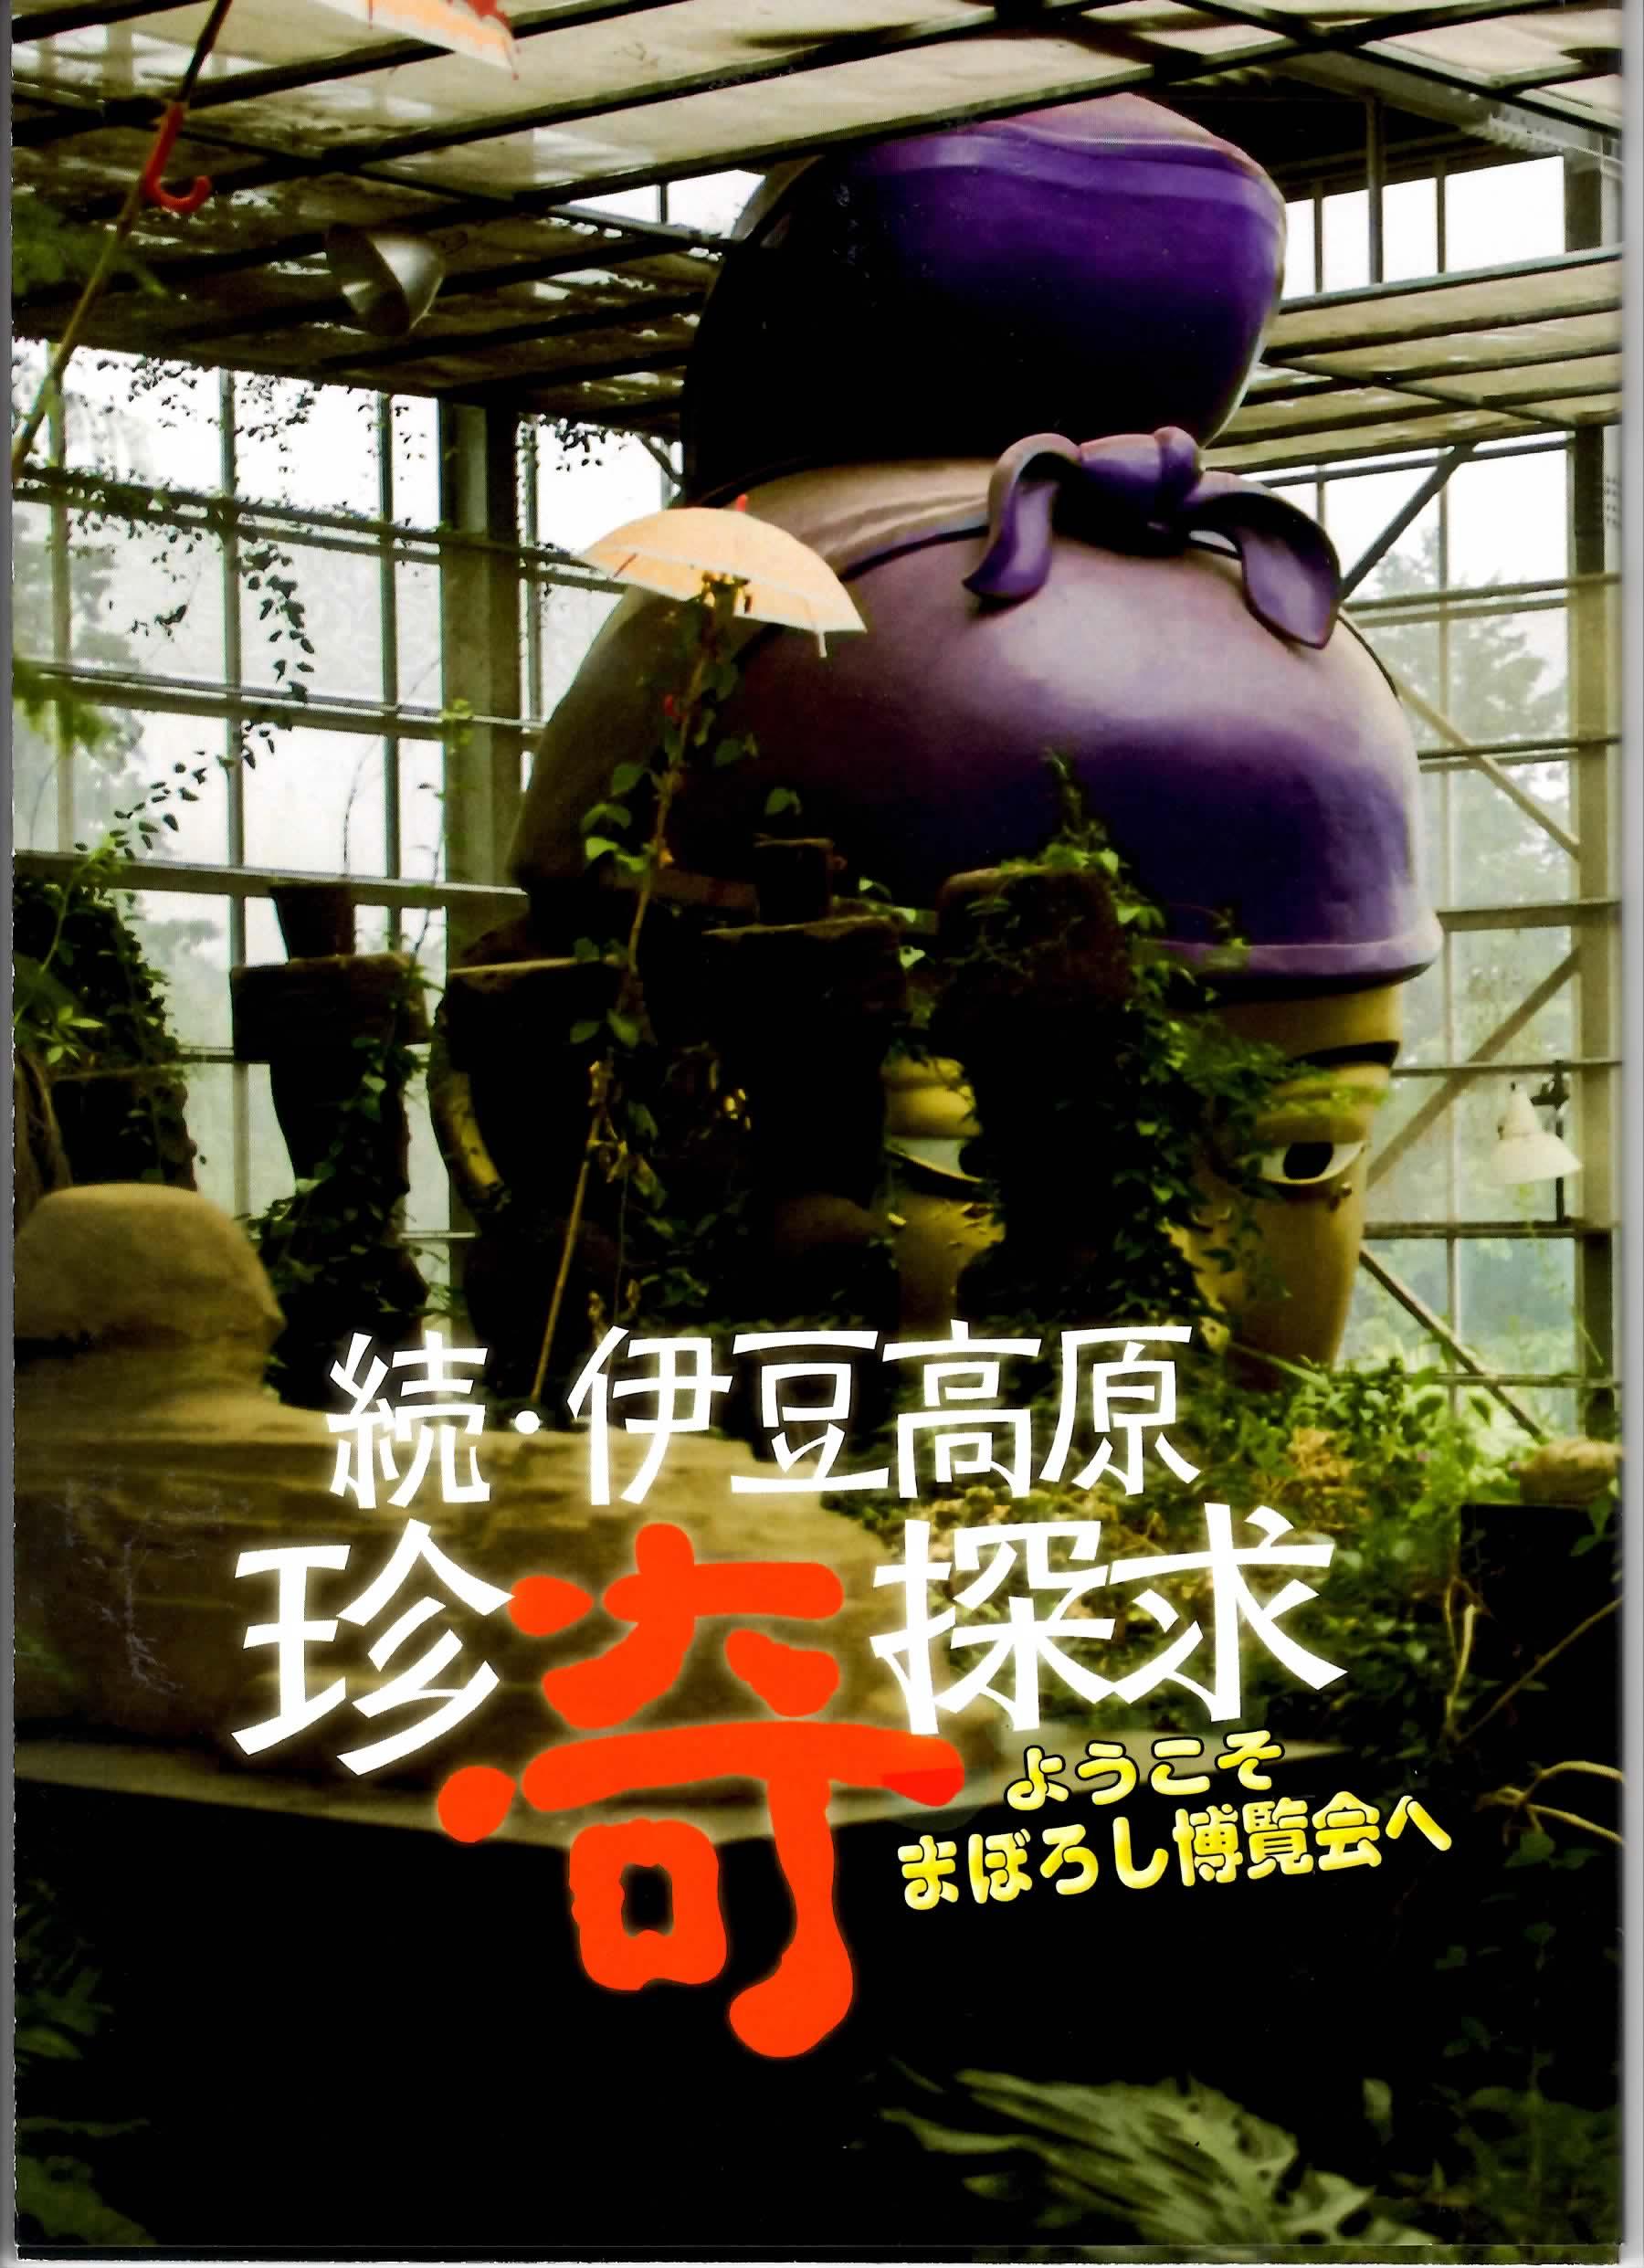 続・伊豆高原珍奇探究 ようこそまぼろし博覧会へ画像